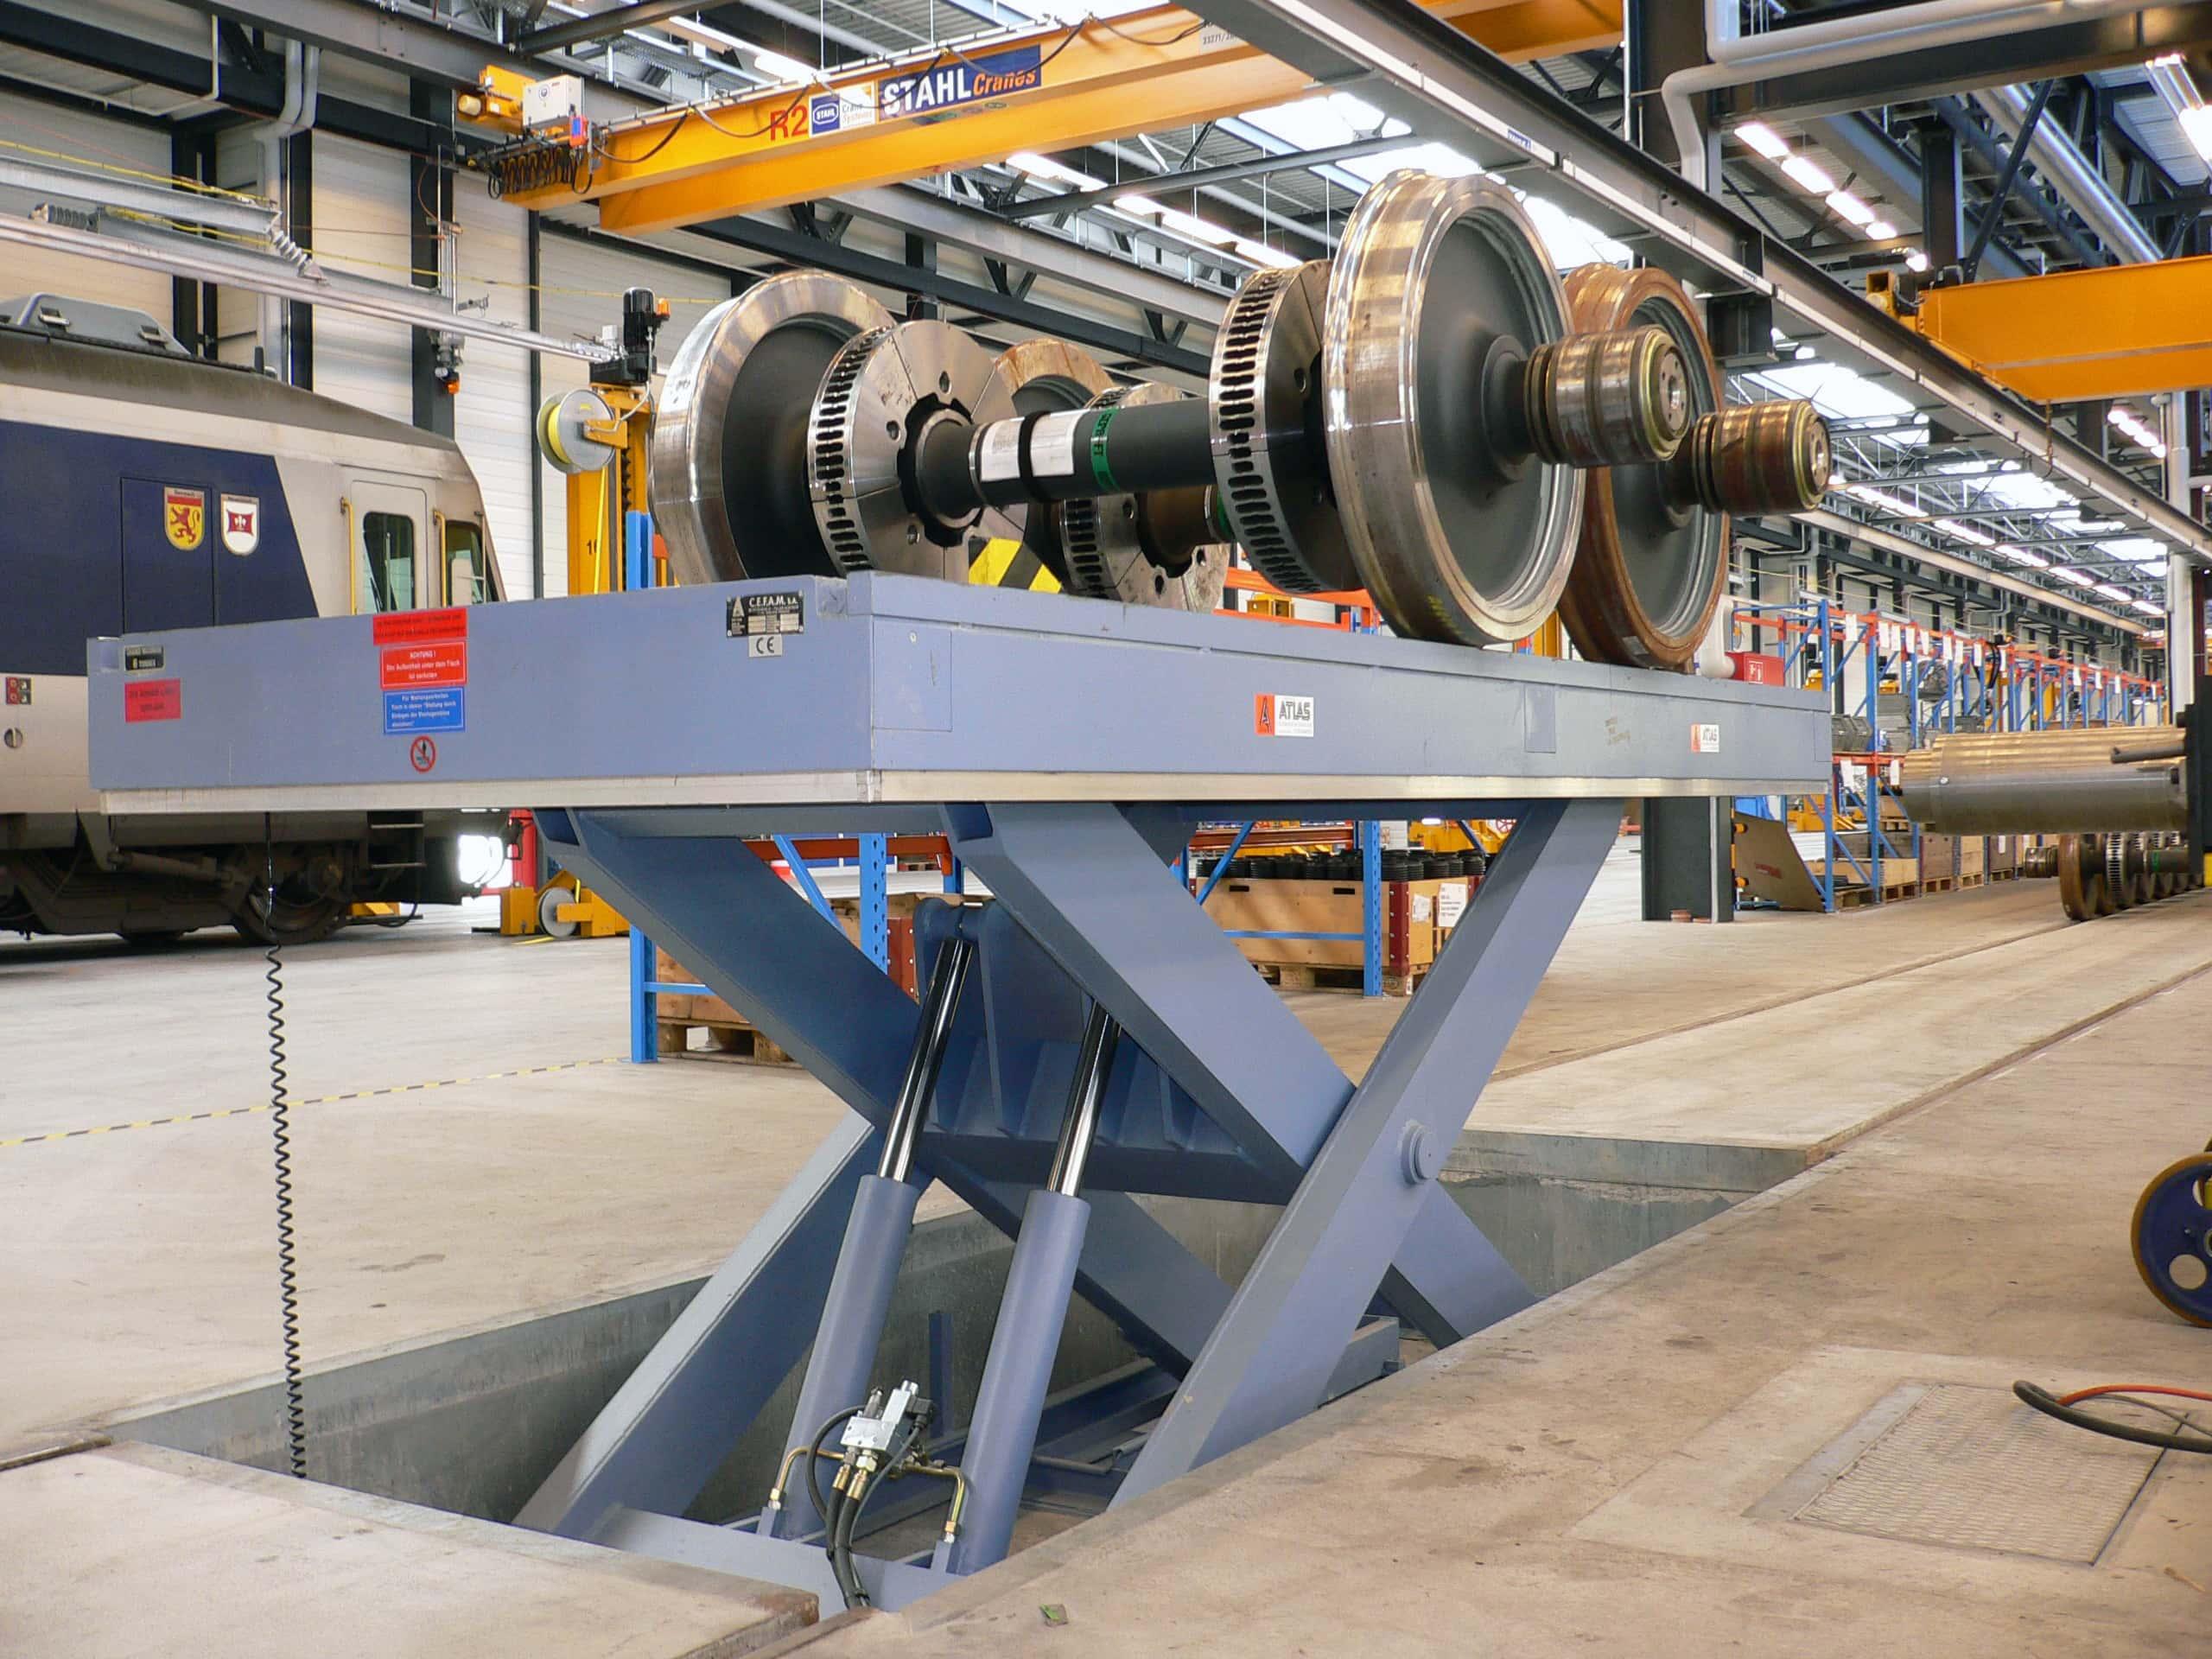 Table élévatrice électro-hydraulique encastrée en fosse avec section de voie ferrée. Mise à niveau d'essieux devant des contrôleurs